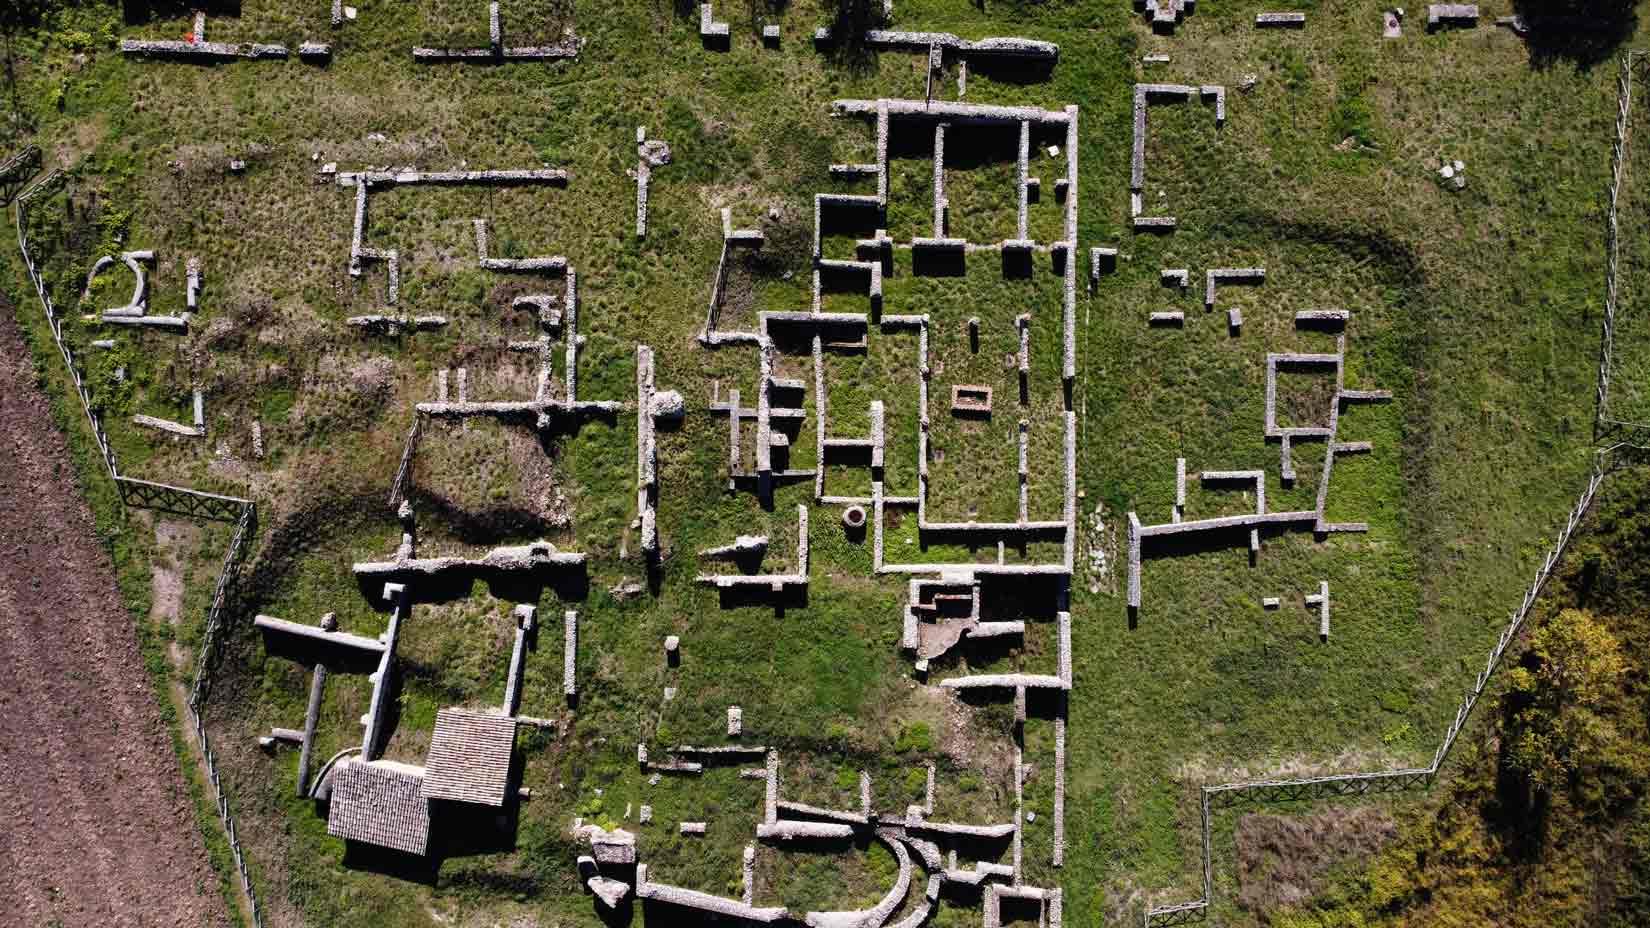 Info Irpinia - Sezione IrpiniaBox - Mirabella Eclano - Parco archeologico di Aeclanum